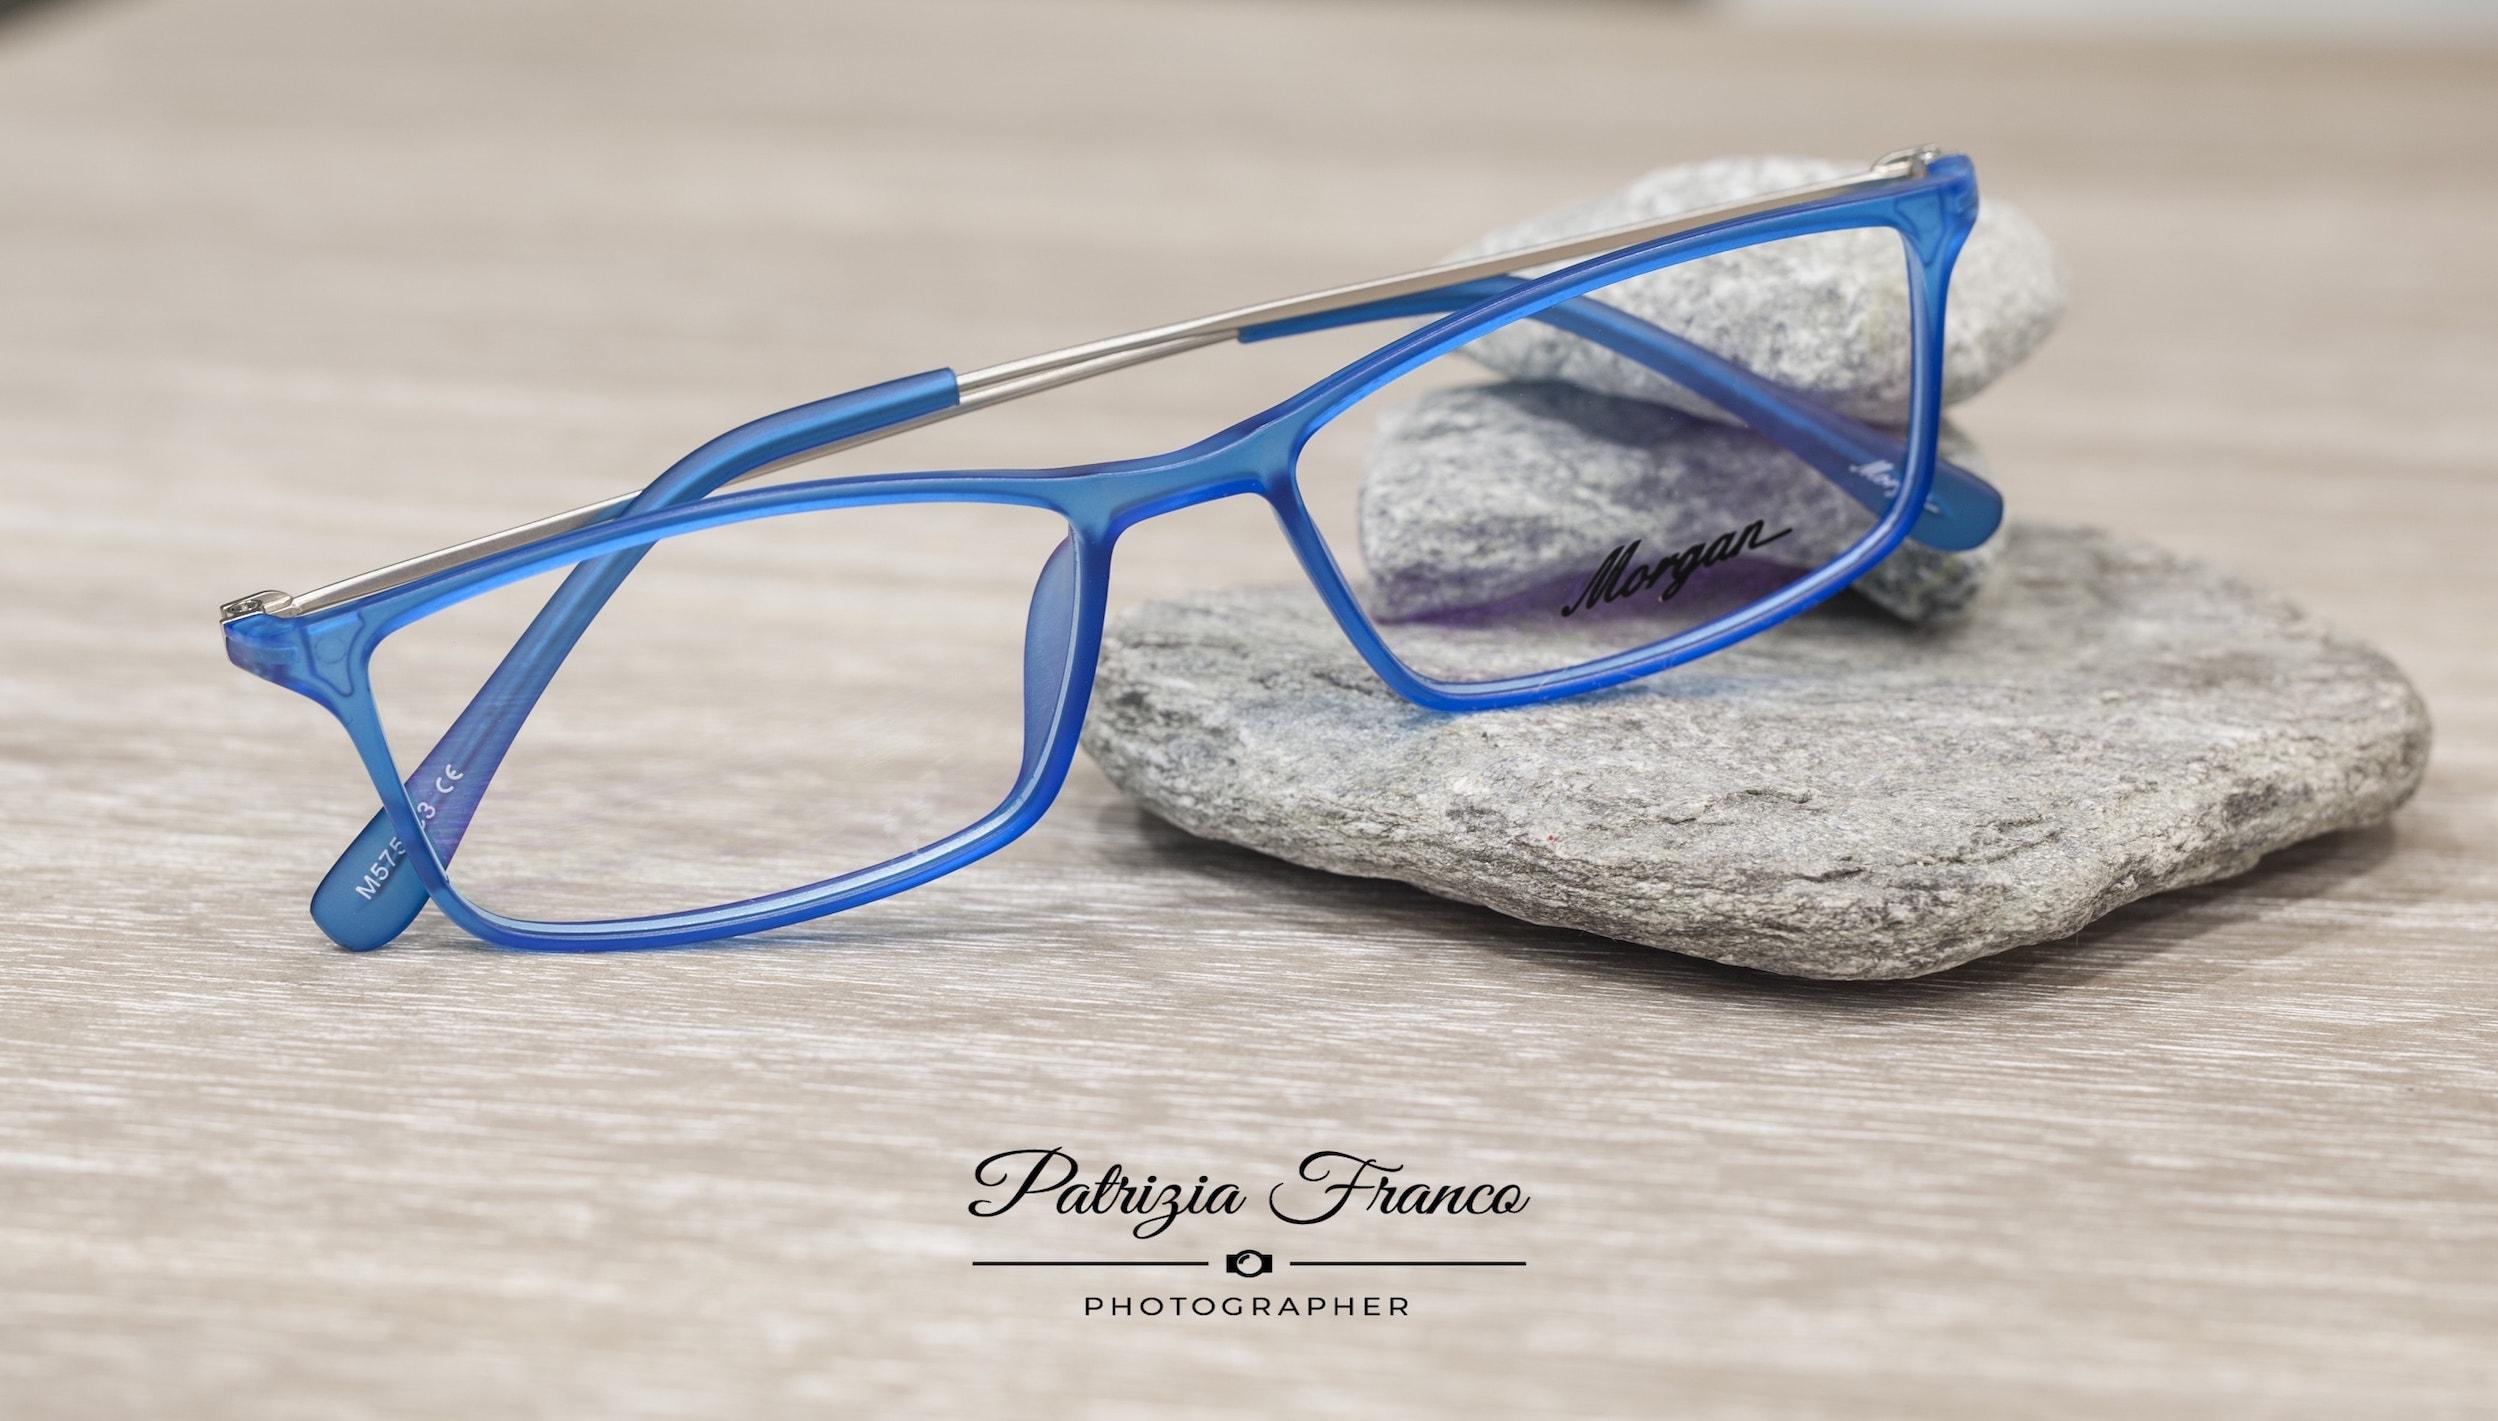 patrizia-franco-fotografo-occhiali-2